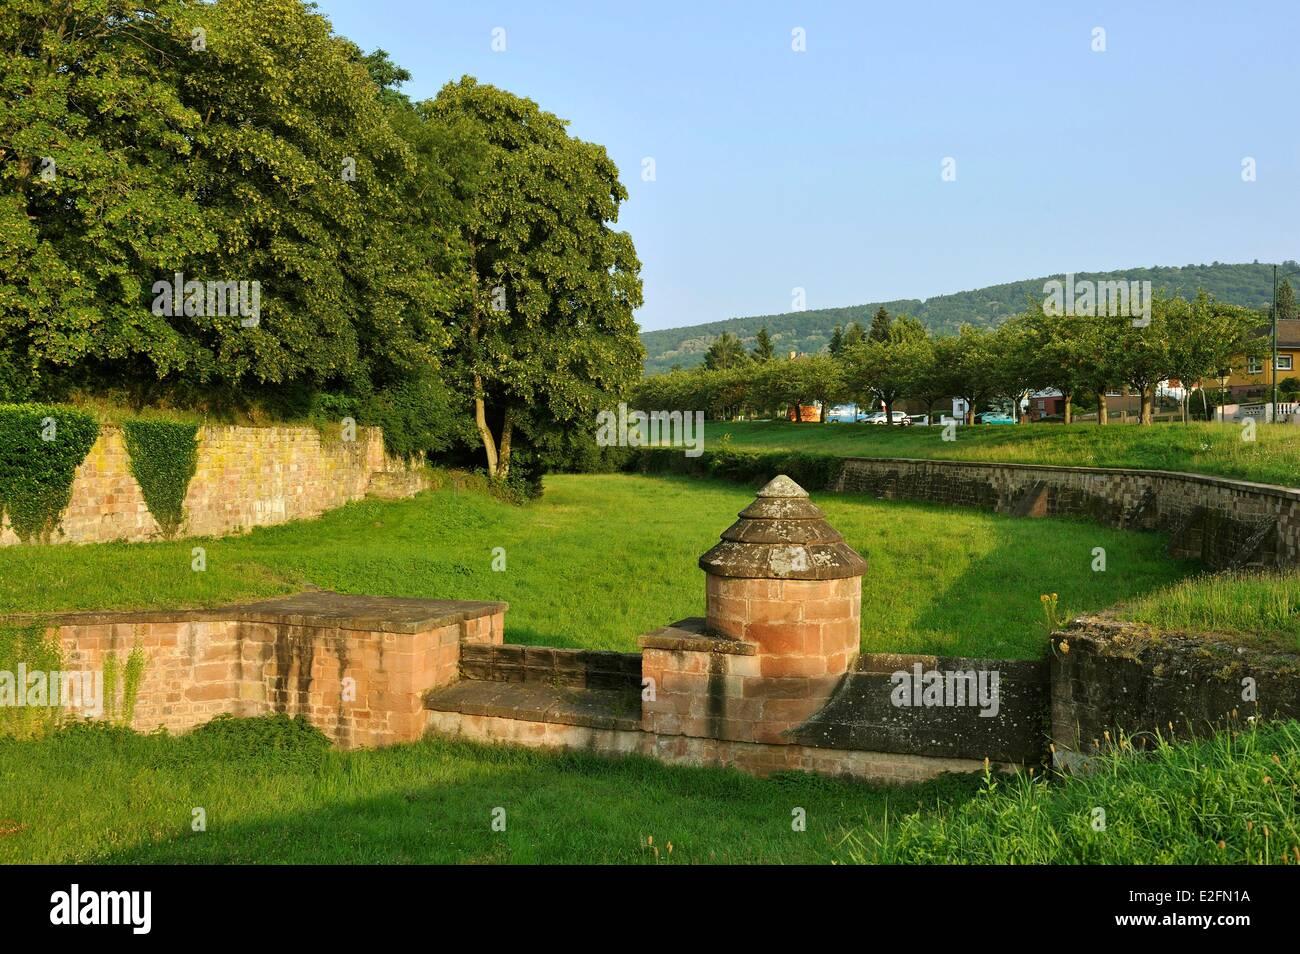 France Bas Rhin Wissembourg city walls Tour de la Poudriere 13th century - Stock Image